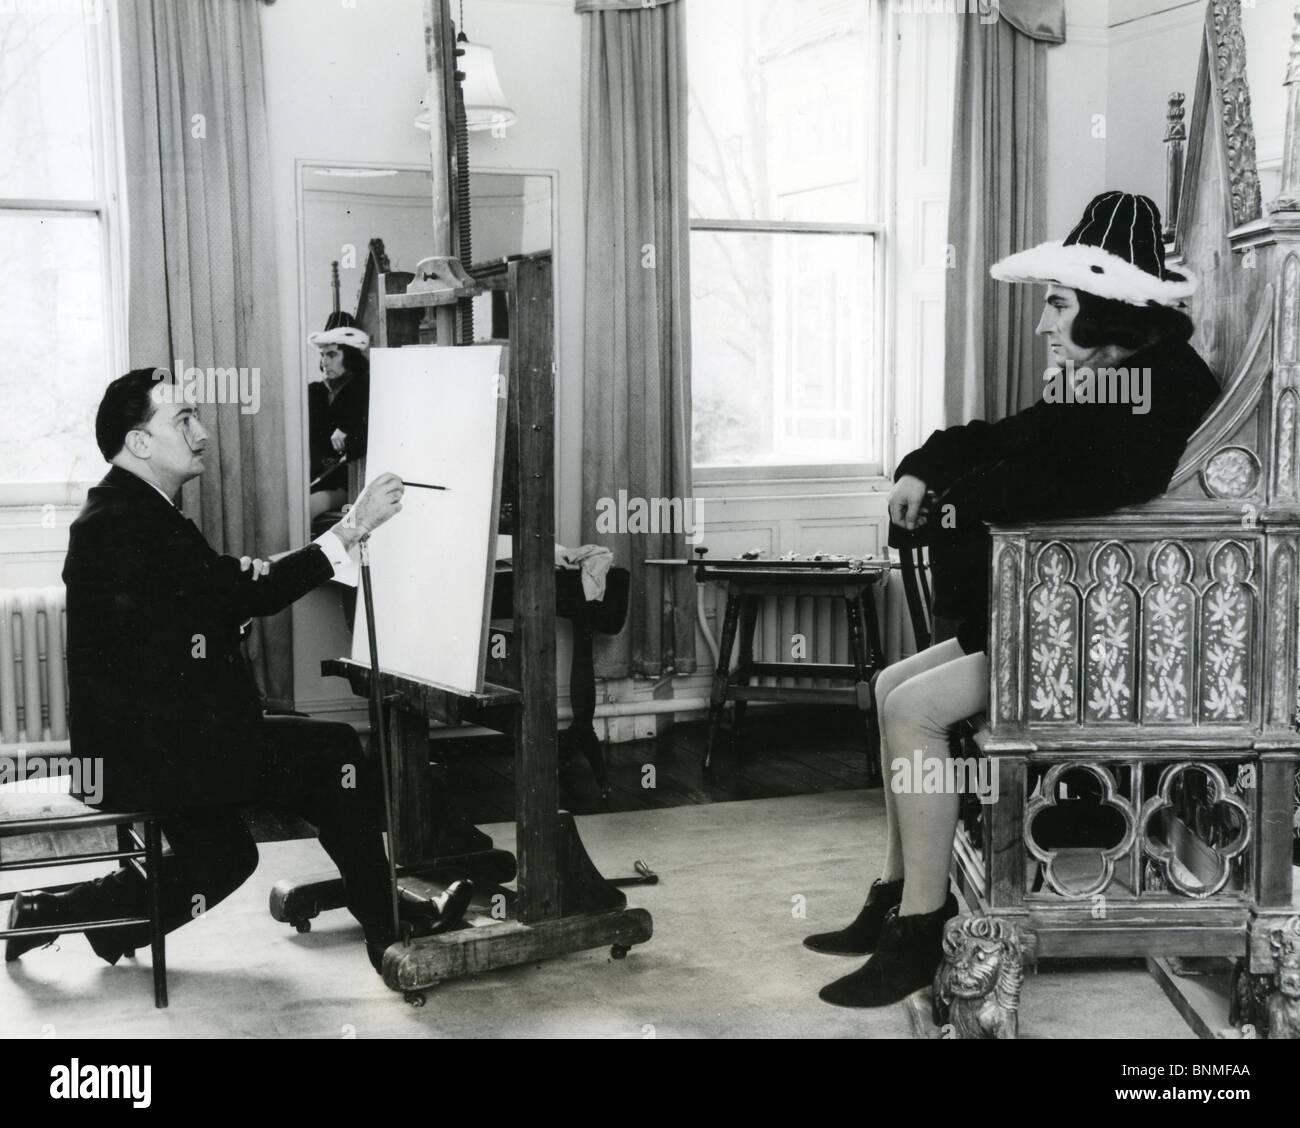 SALVADOR DALI (1984-1989) dessin de l'artiste espagnol Laurence Olivier comme Richard III Banque D'Images